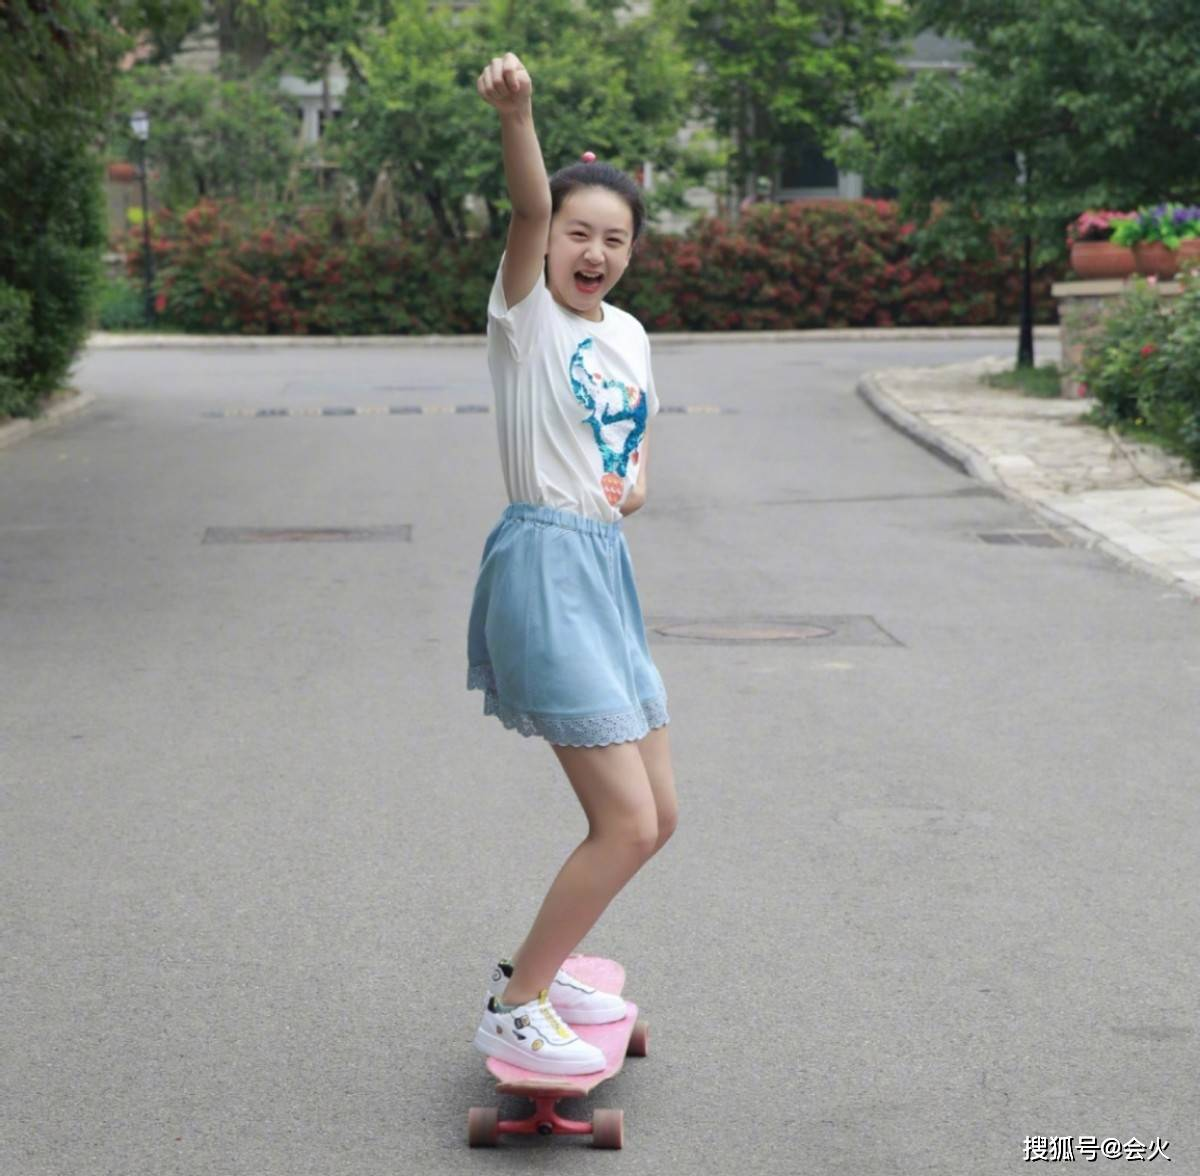 13岁森碟运动照太惊艳!挥拍有力腿部肌肉抢镜